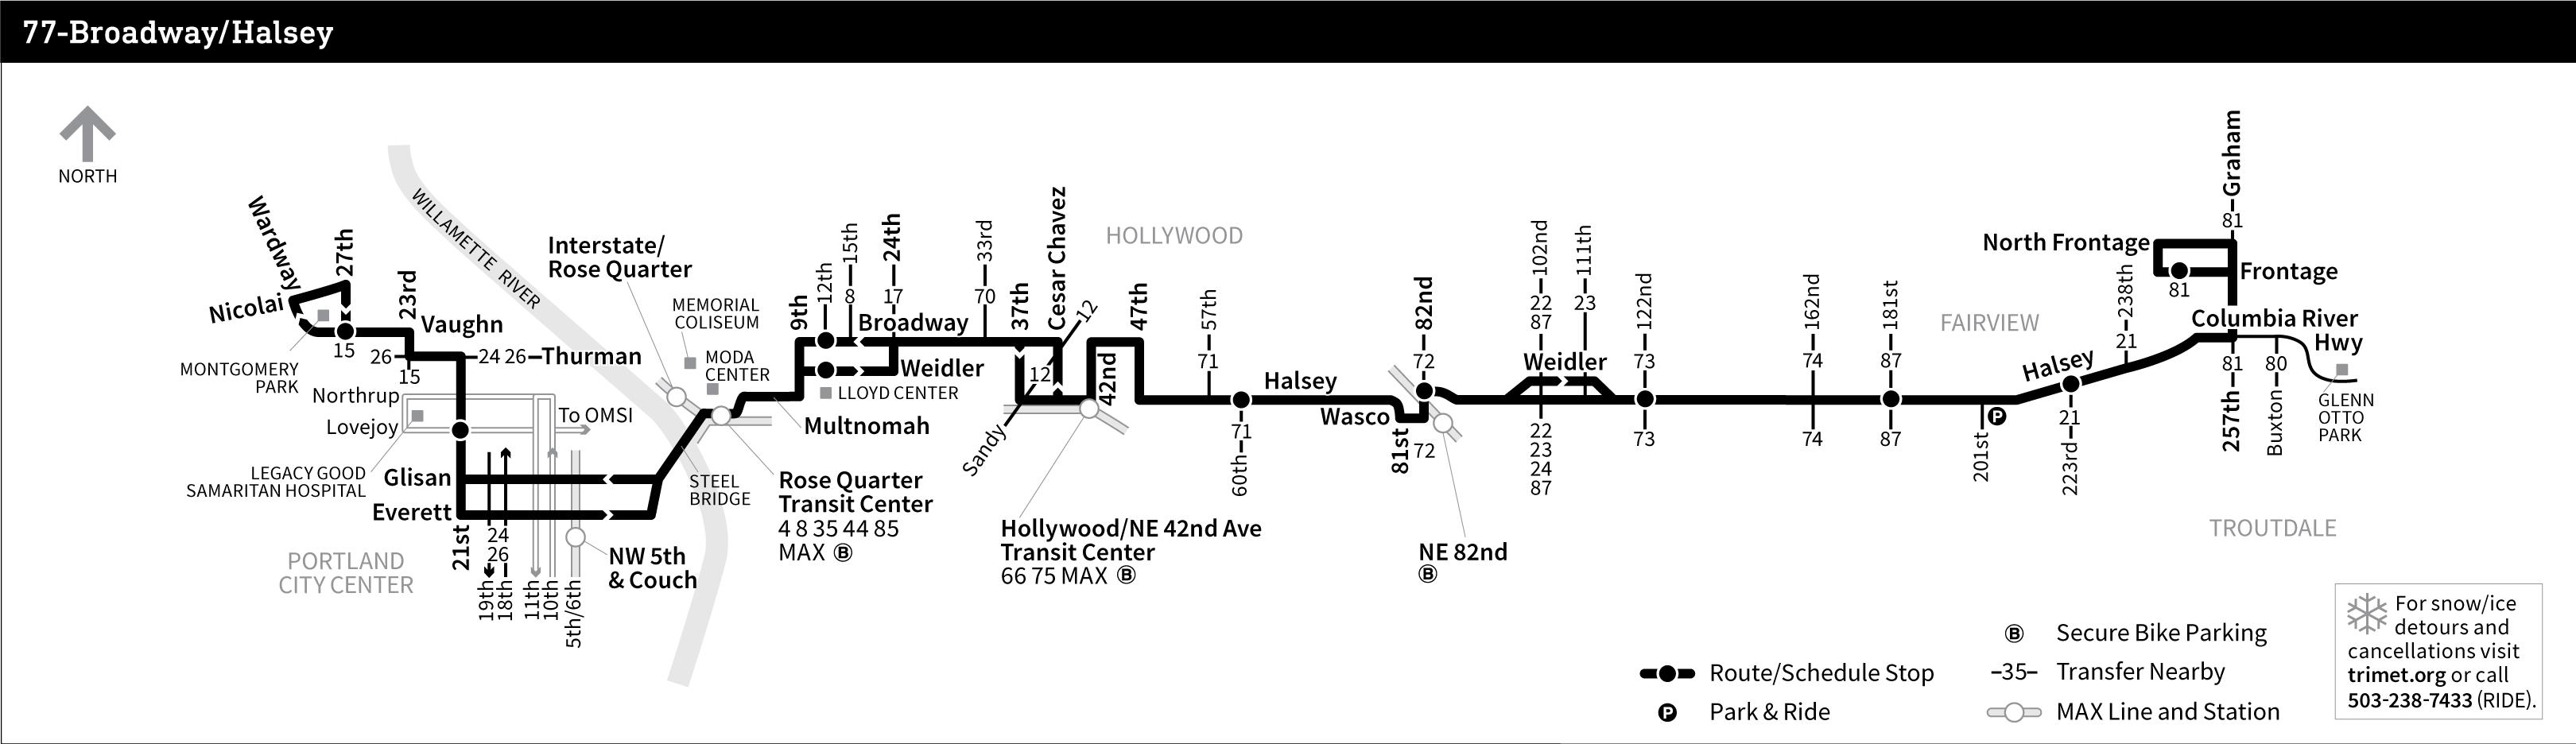 77-broadway/halsey